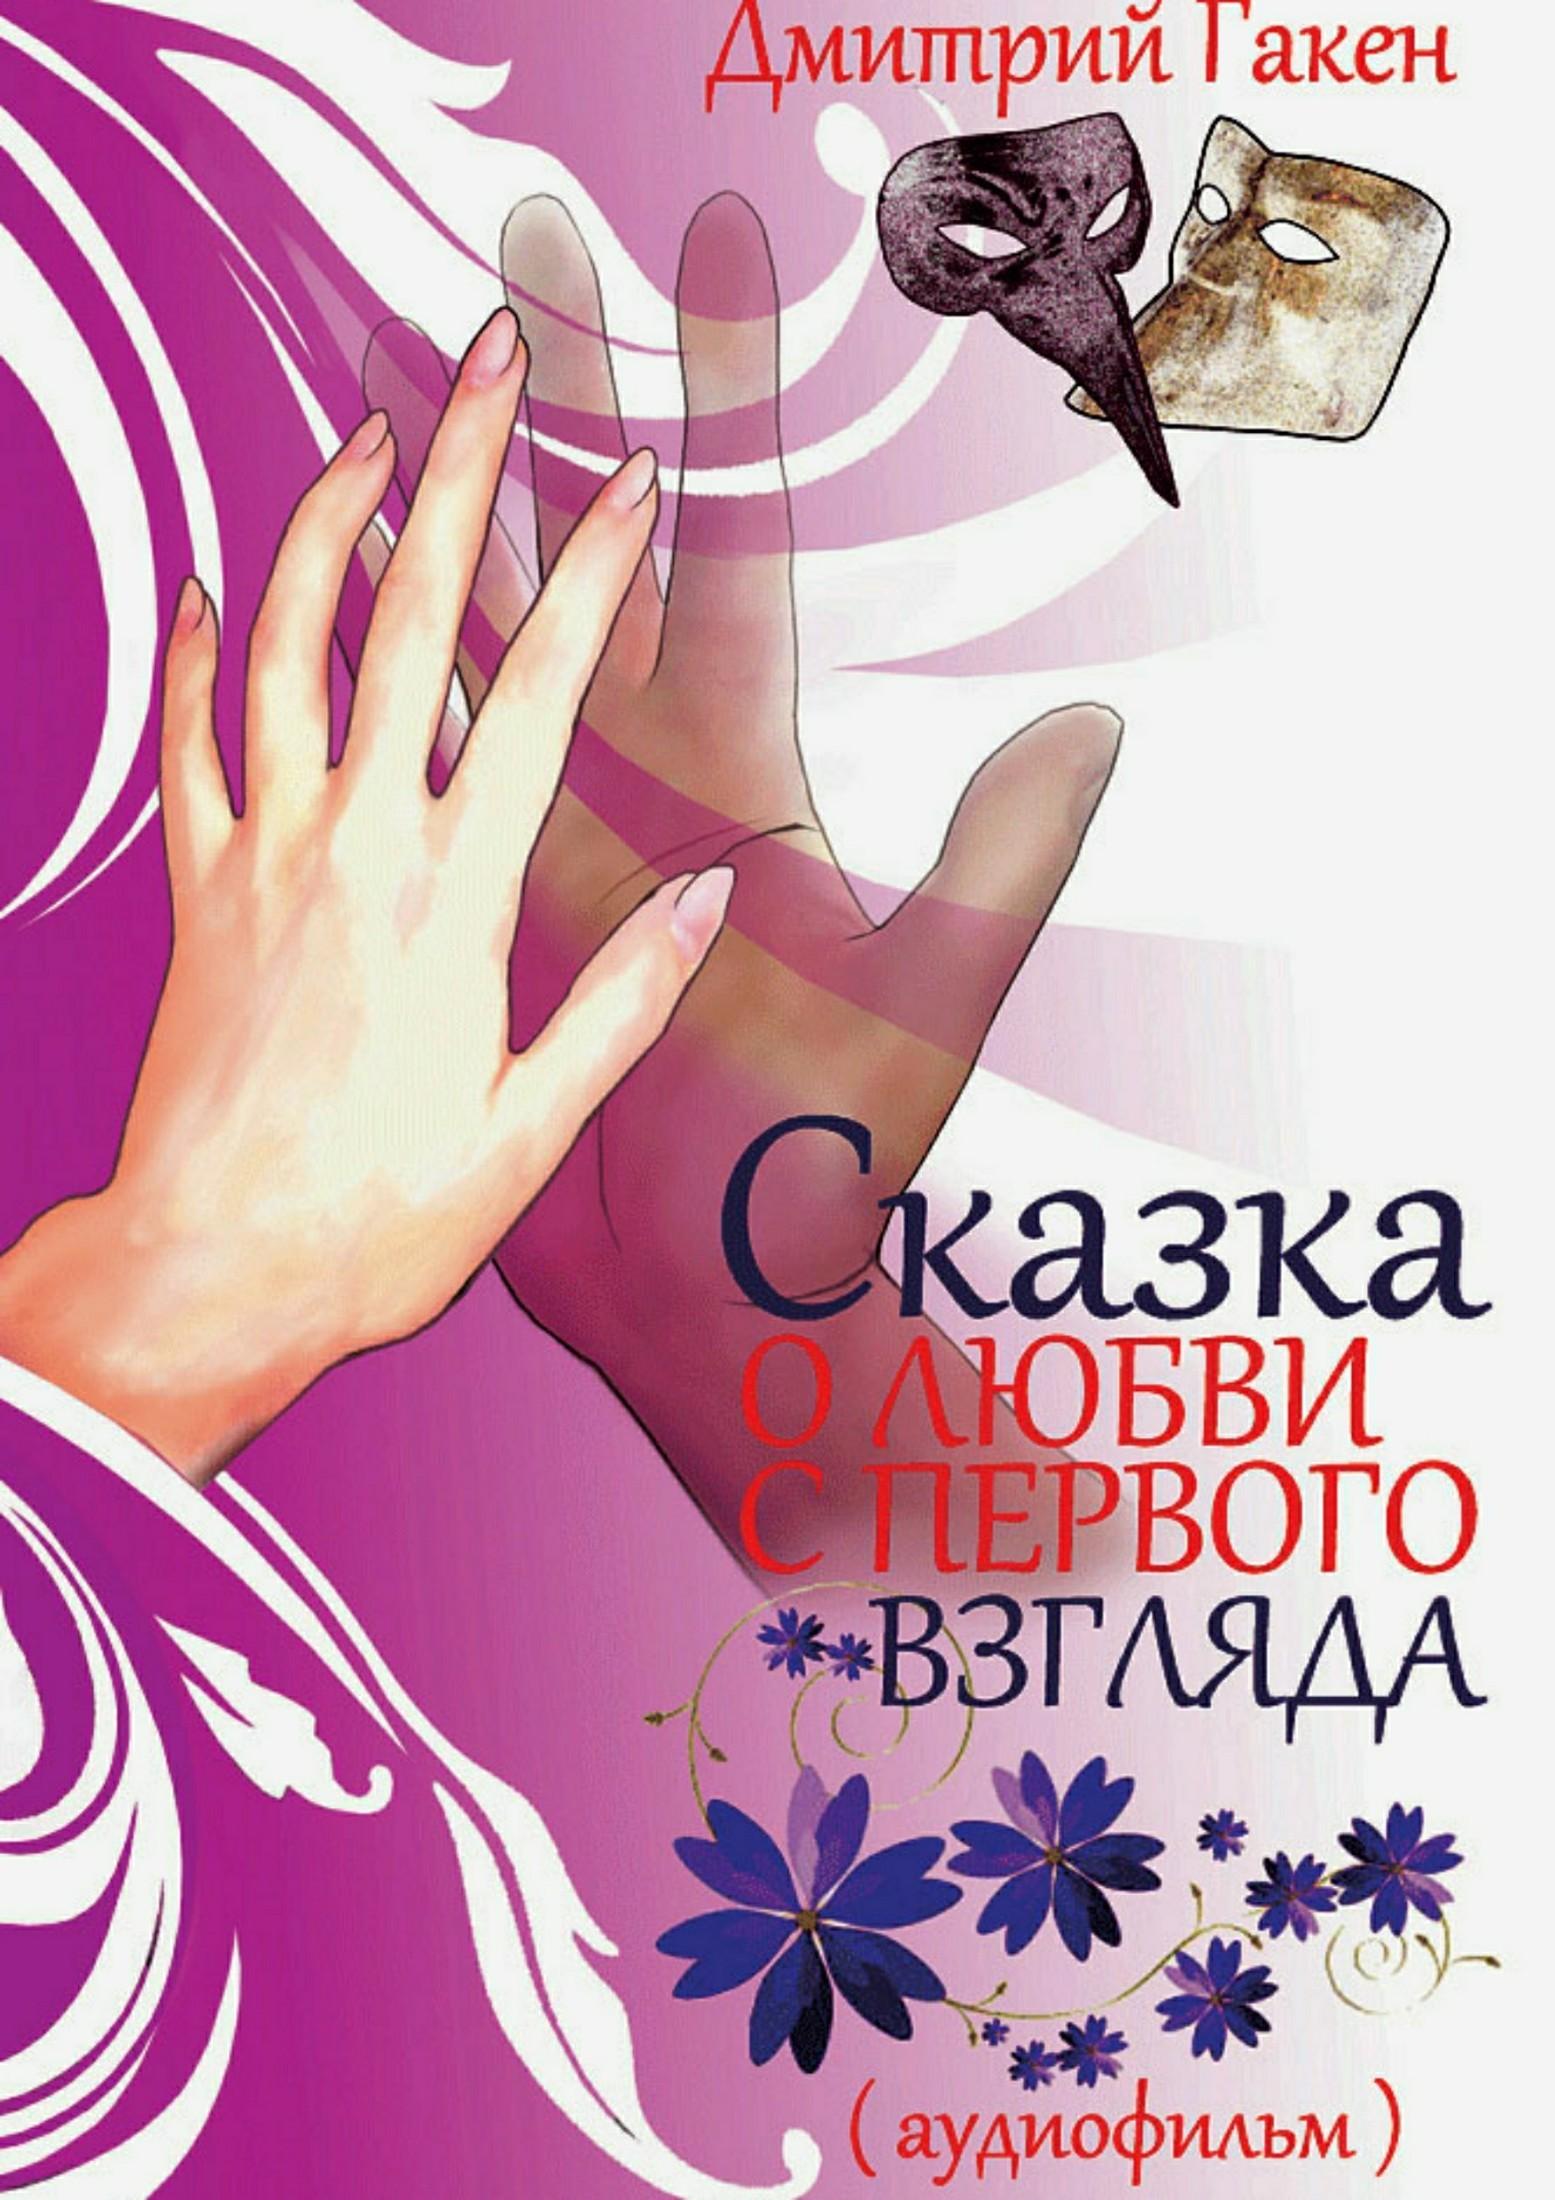 Дмитрий Гакен «Сказка о любви с первого взгляда»